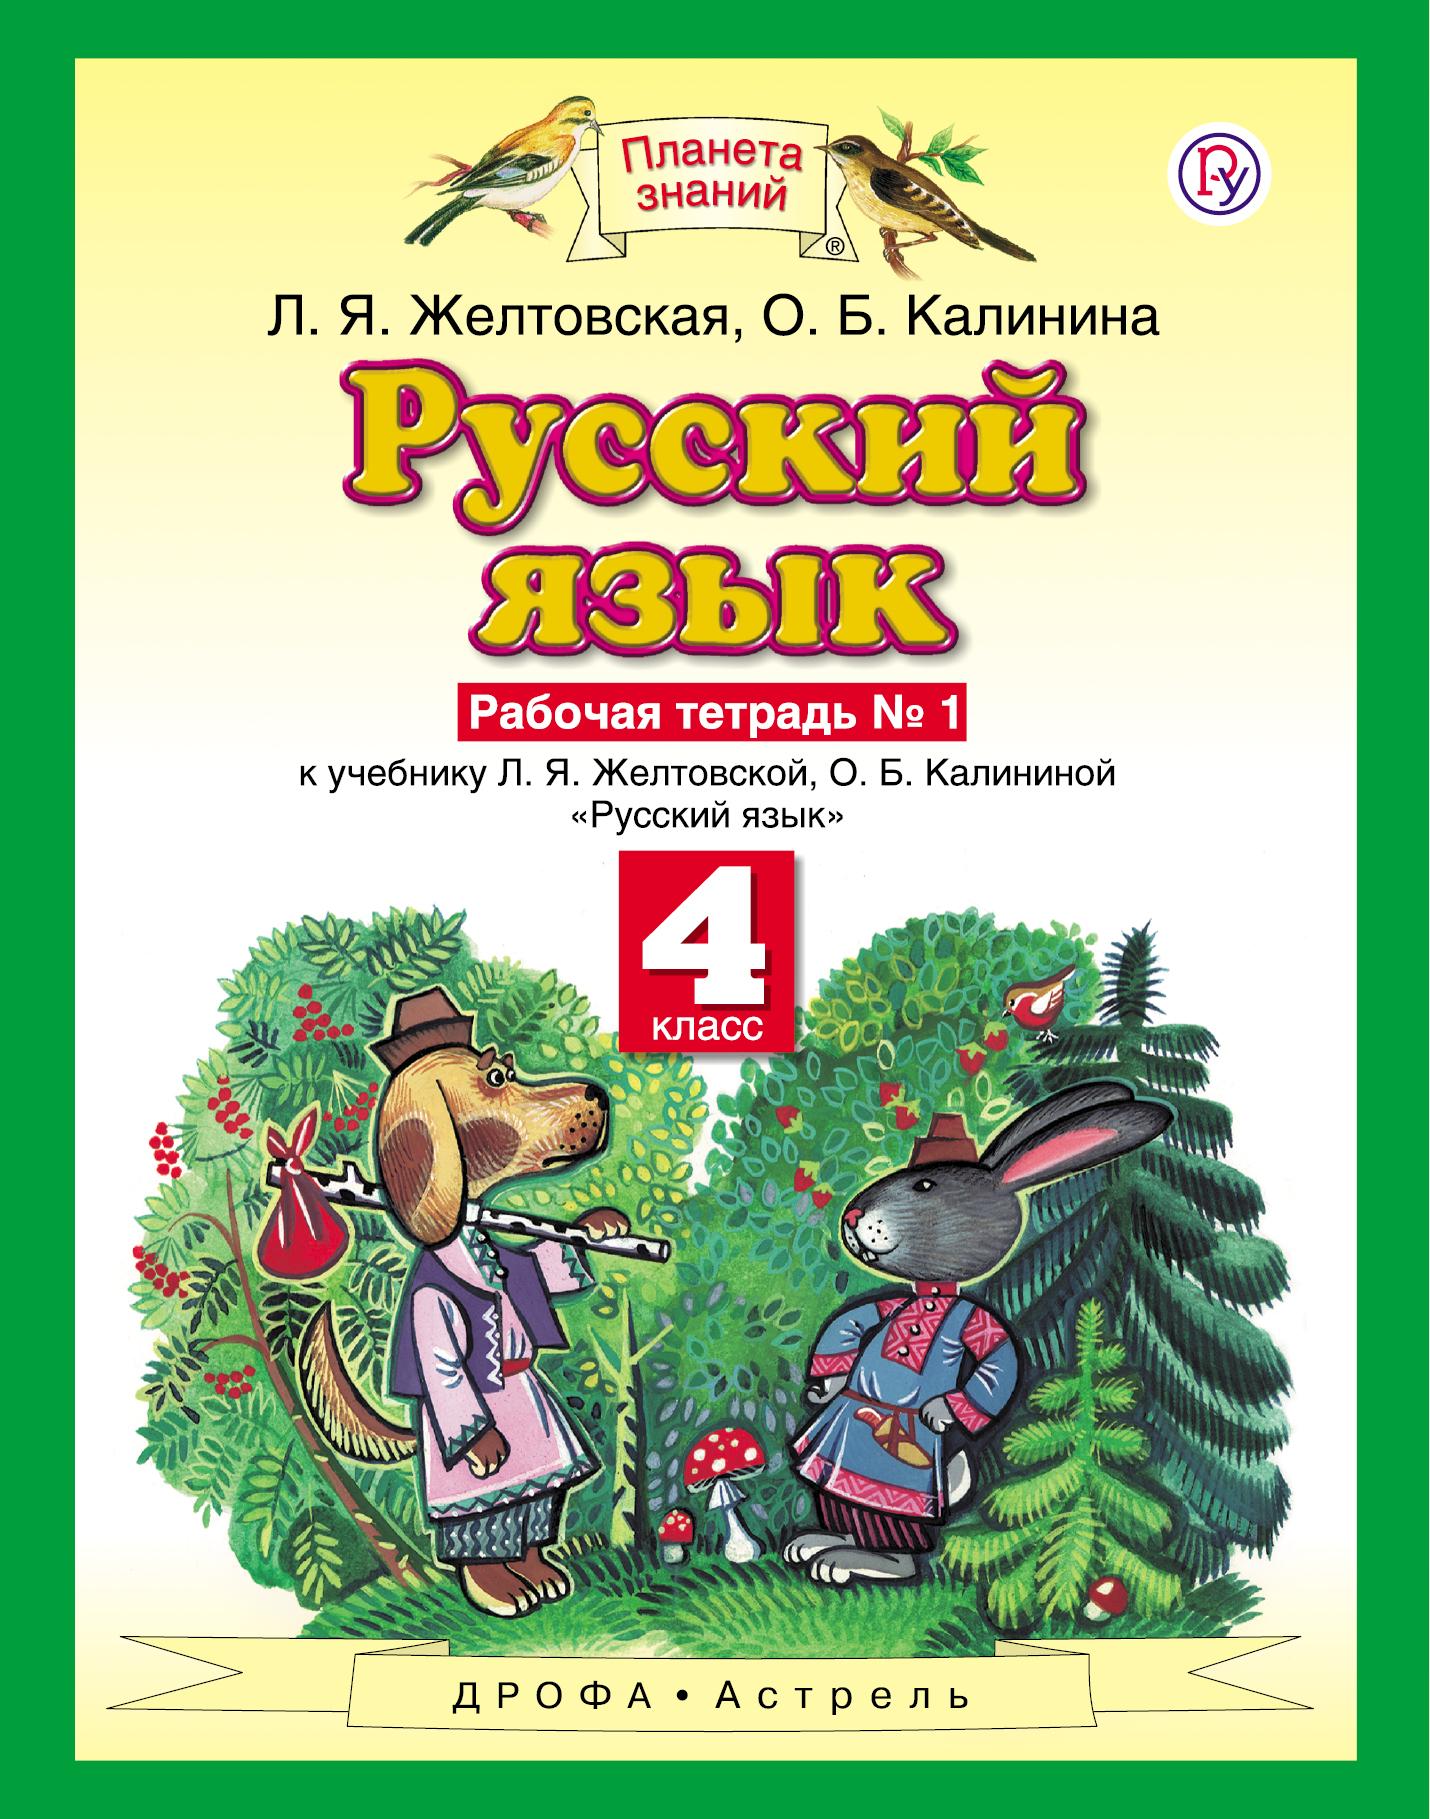 Л. Я. Желтовская,О. Б. Калинина Русский язык. 4 класс. Рабочая тетрадь № 1